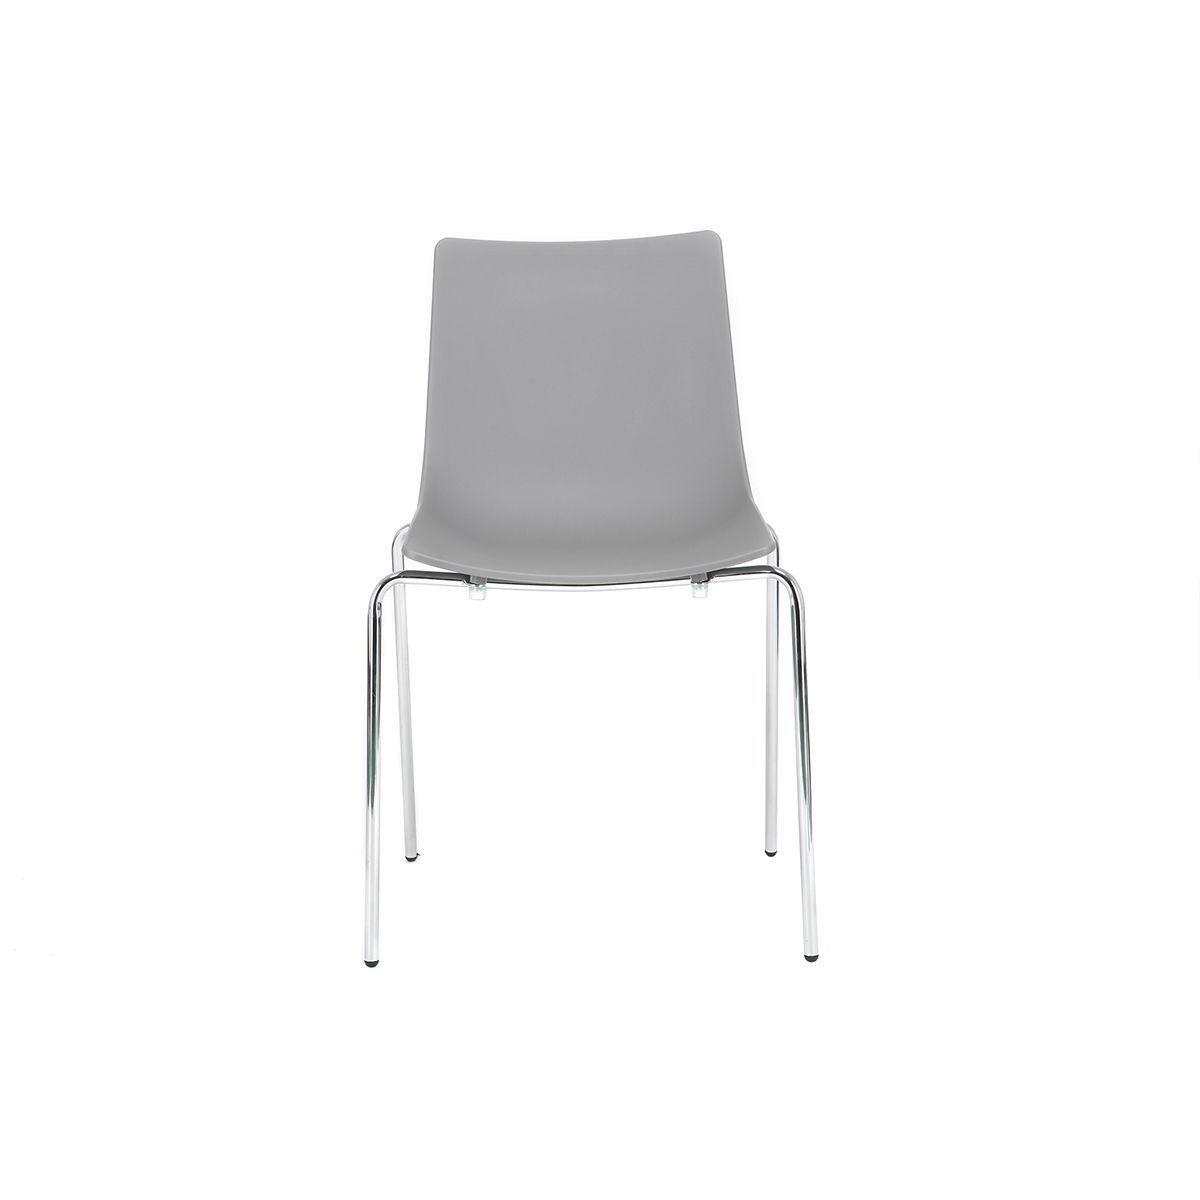 Chaises Design Blanches Empilables Avec Pieds En Metal Lot De 2 Celebration Chaise Design Design Et Chaises Bois